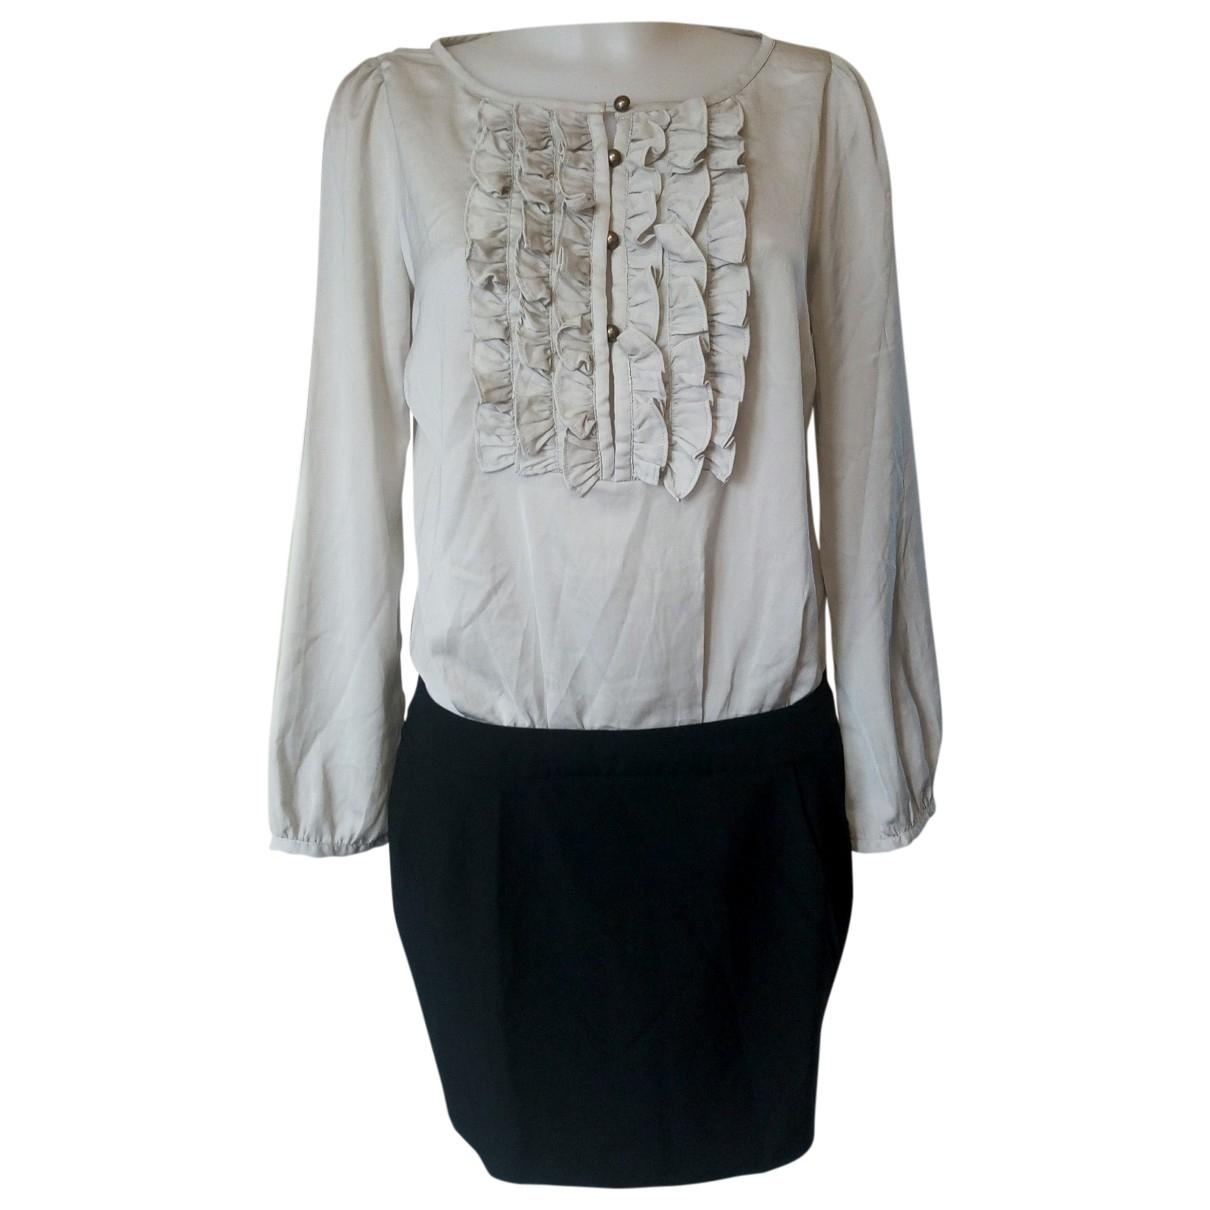 Patrizia Pepe \N dress for Women 44 IT